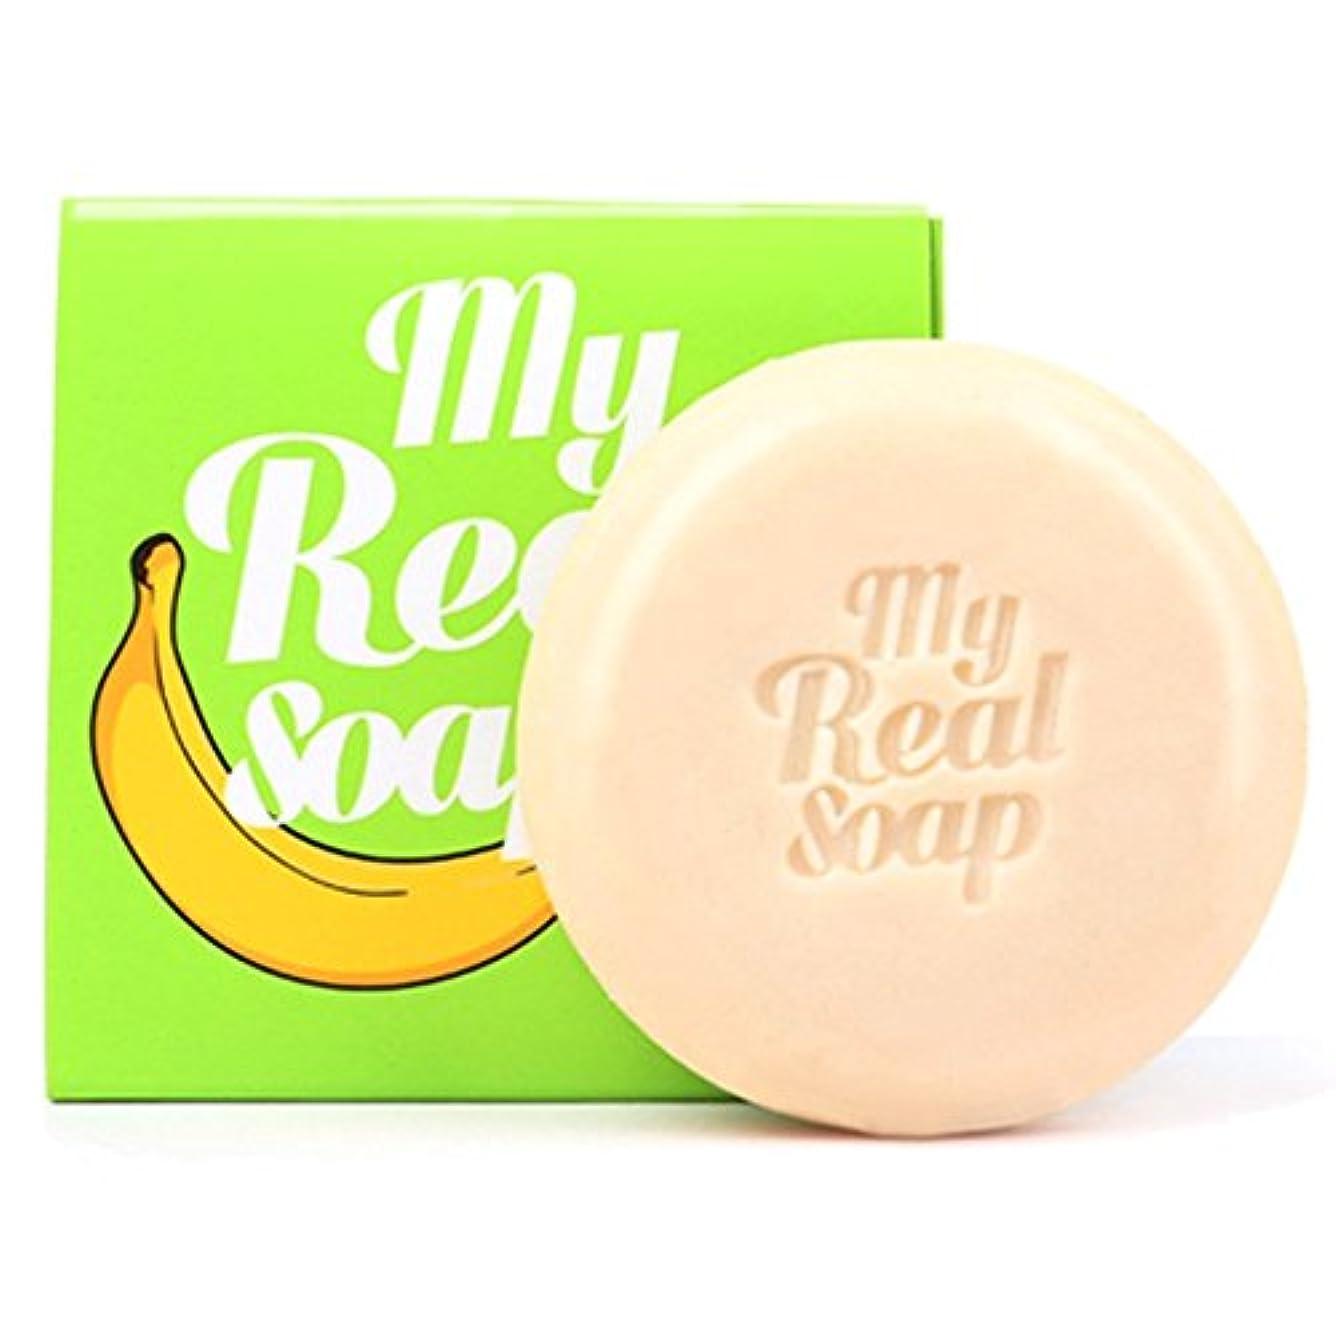 バナナソープ 泡網セット 角質除去 毛穴収縮 刺激ない 角質緩和 せっけん 石鹸 banana オーガニック 香り